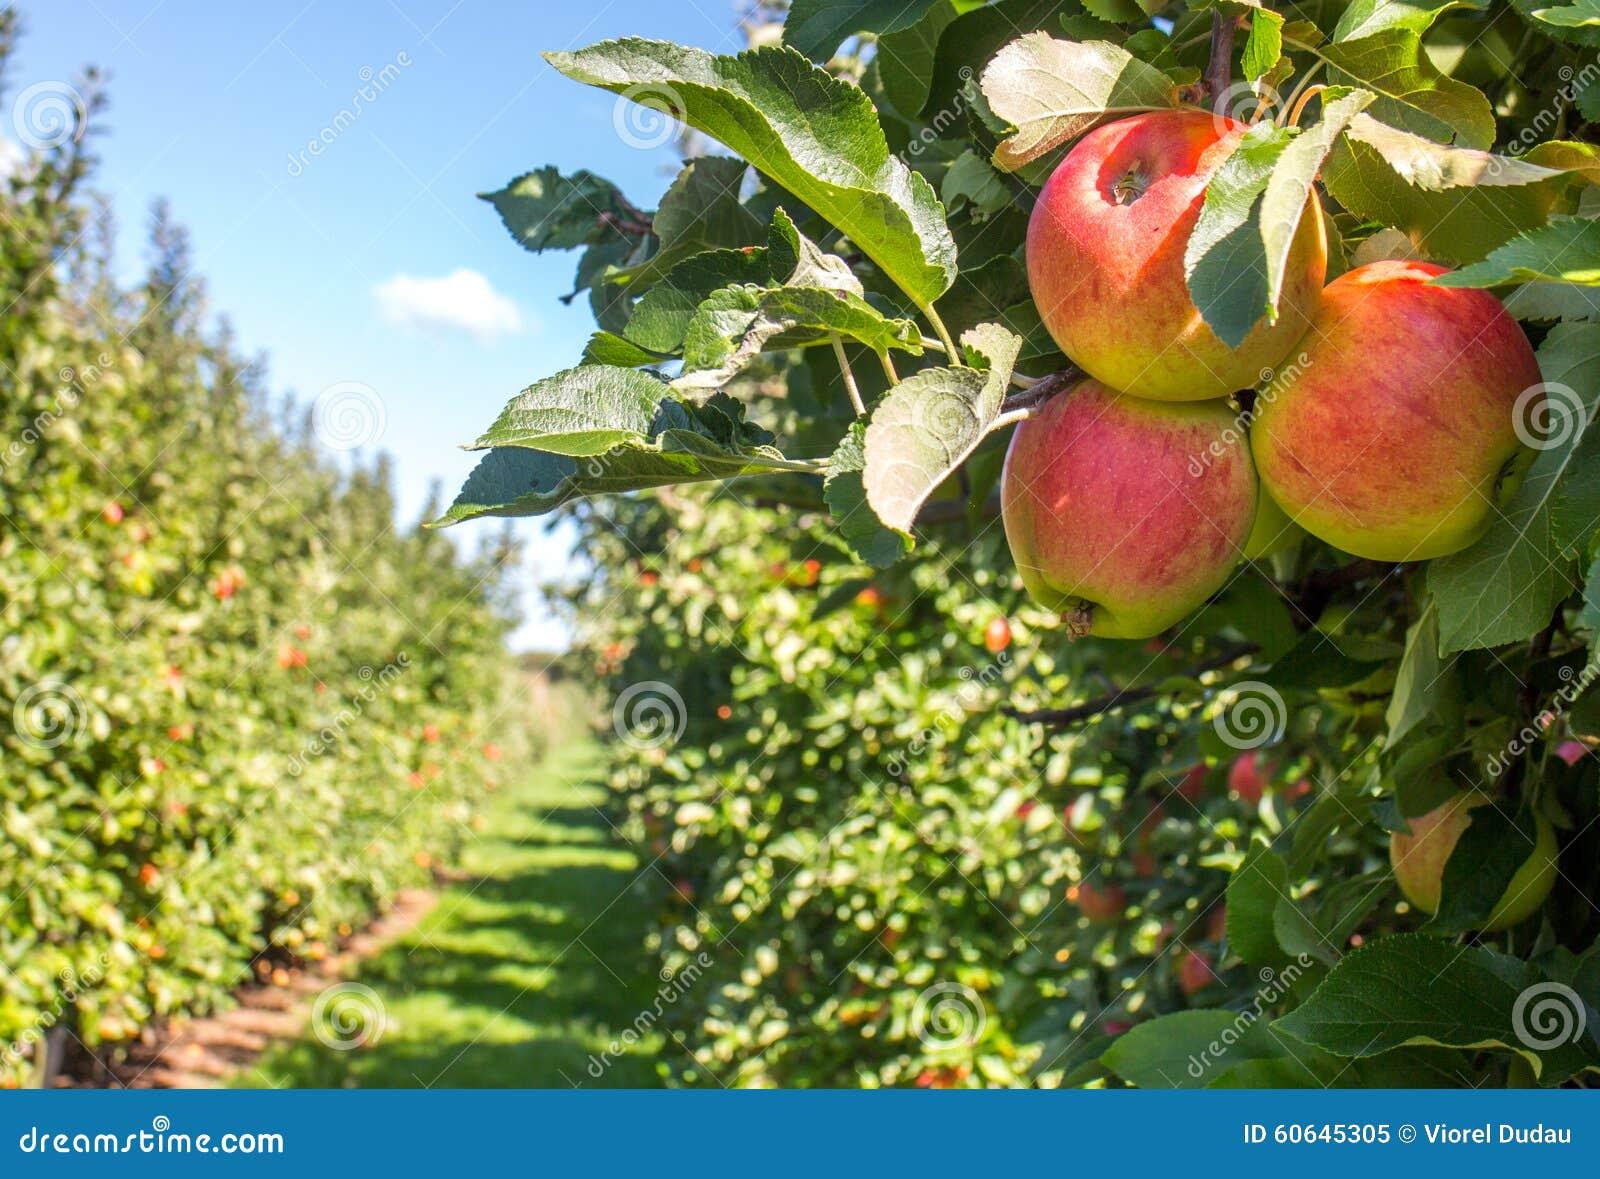 äppleäpplefilialen bär fruktt leavesfruktträdgården